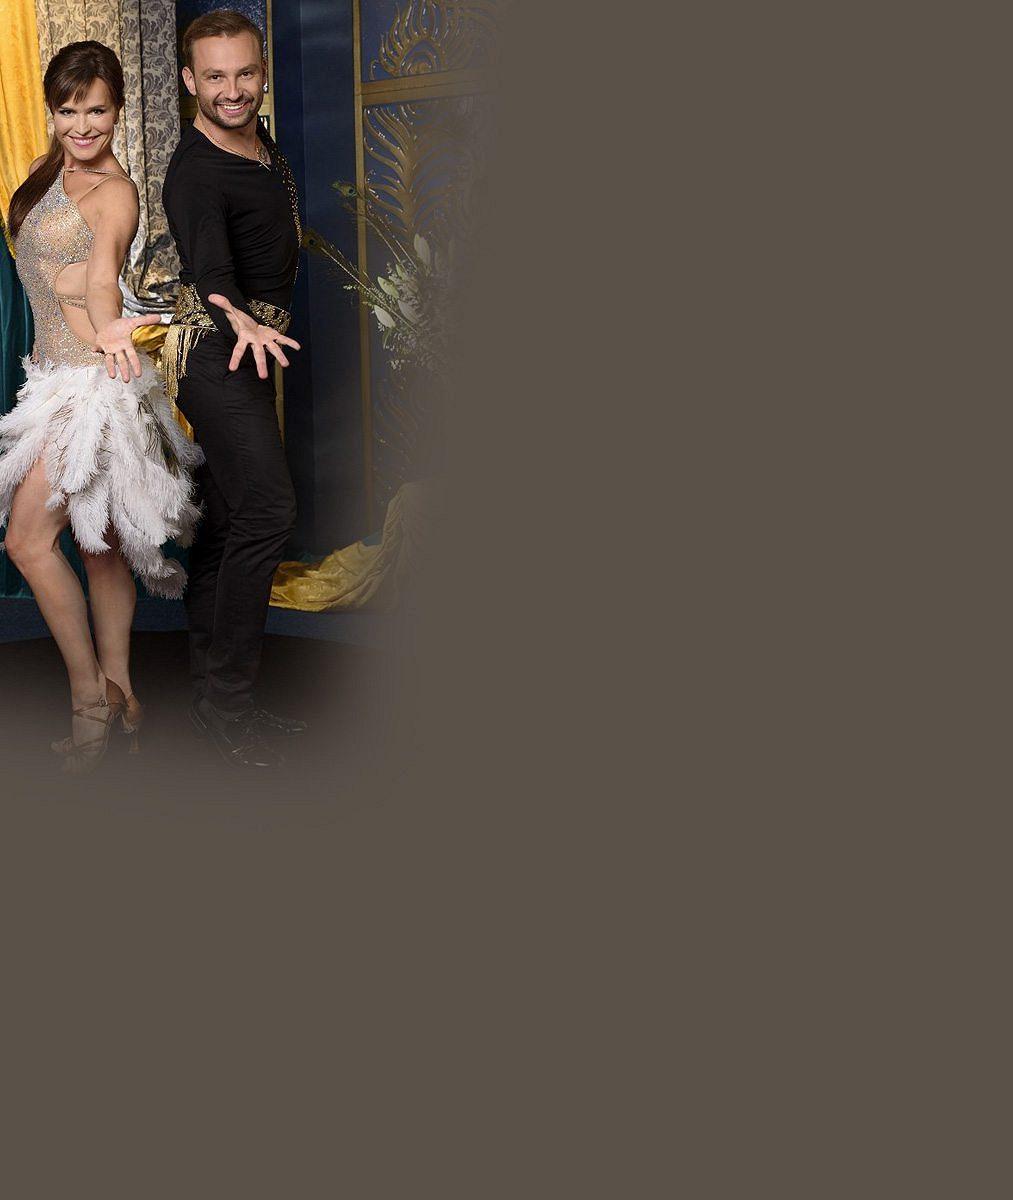 Jediná sportovkyně ve StarDance může mít v tanci nesporné výhody. Nebo je všechno jinak?